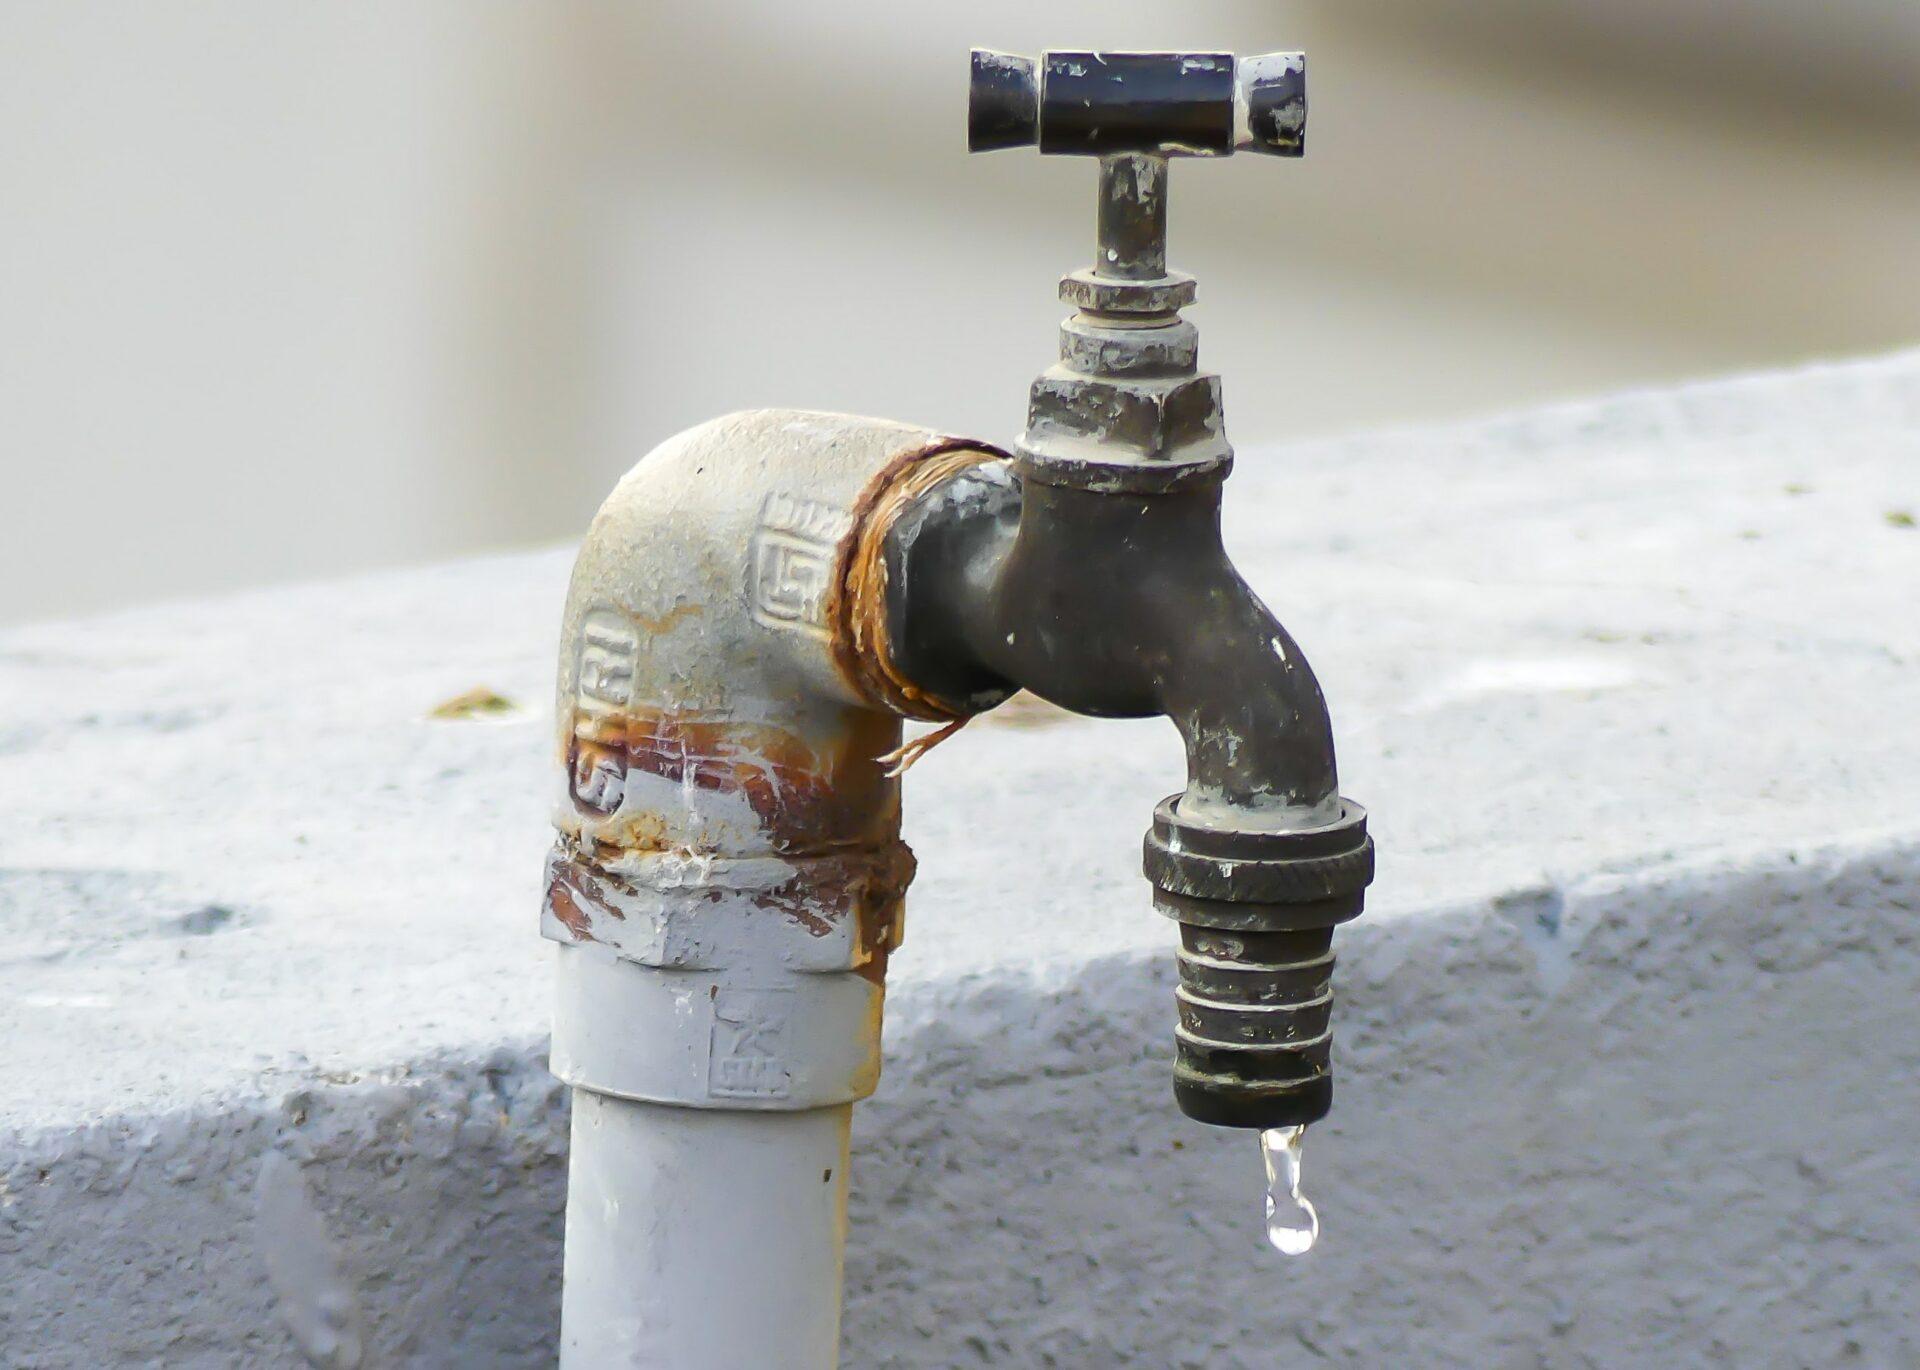 Voda jako vzácný zdroj. Deset rad pro firmy, jak s ní zacházet a šetřit peníze